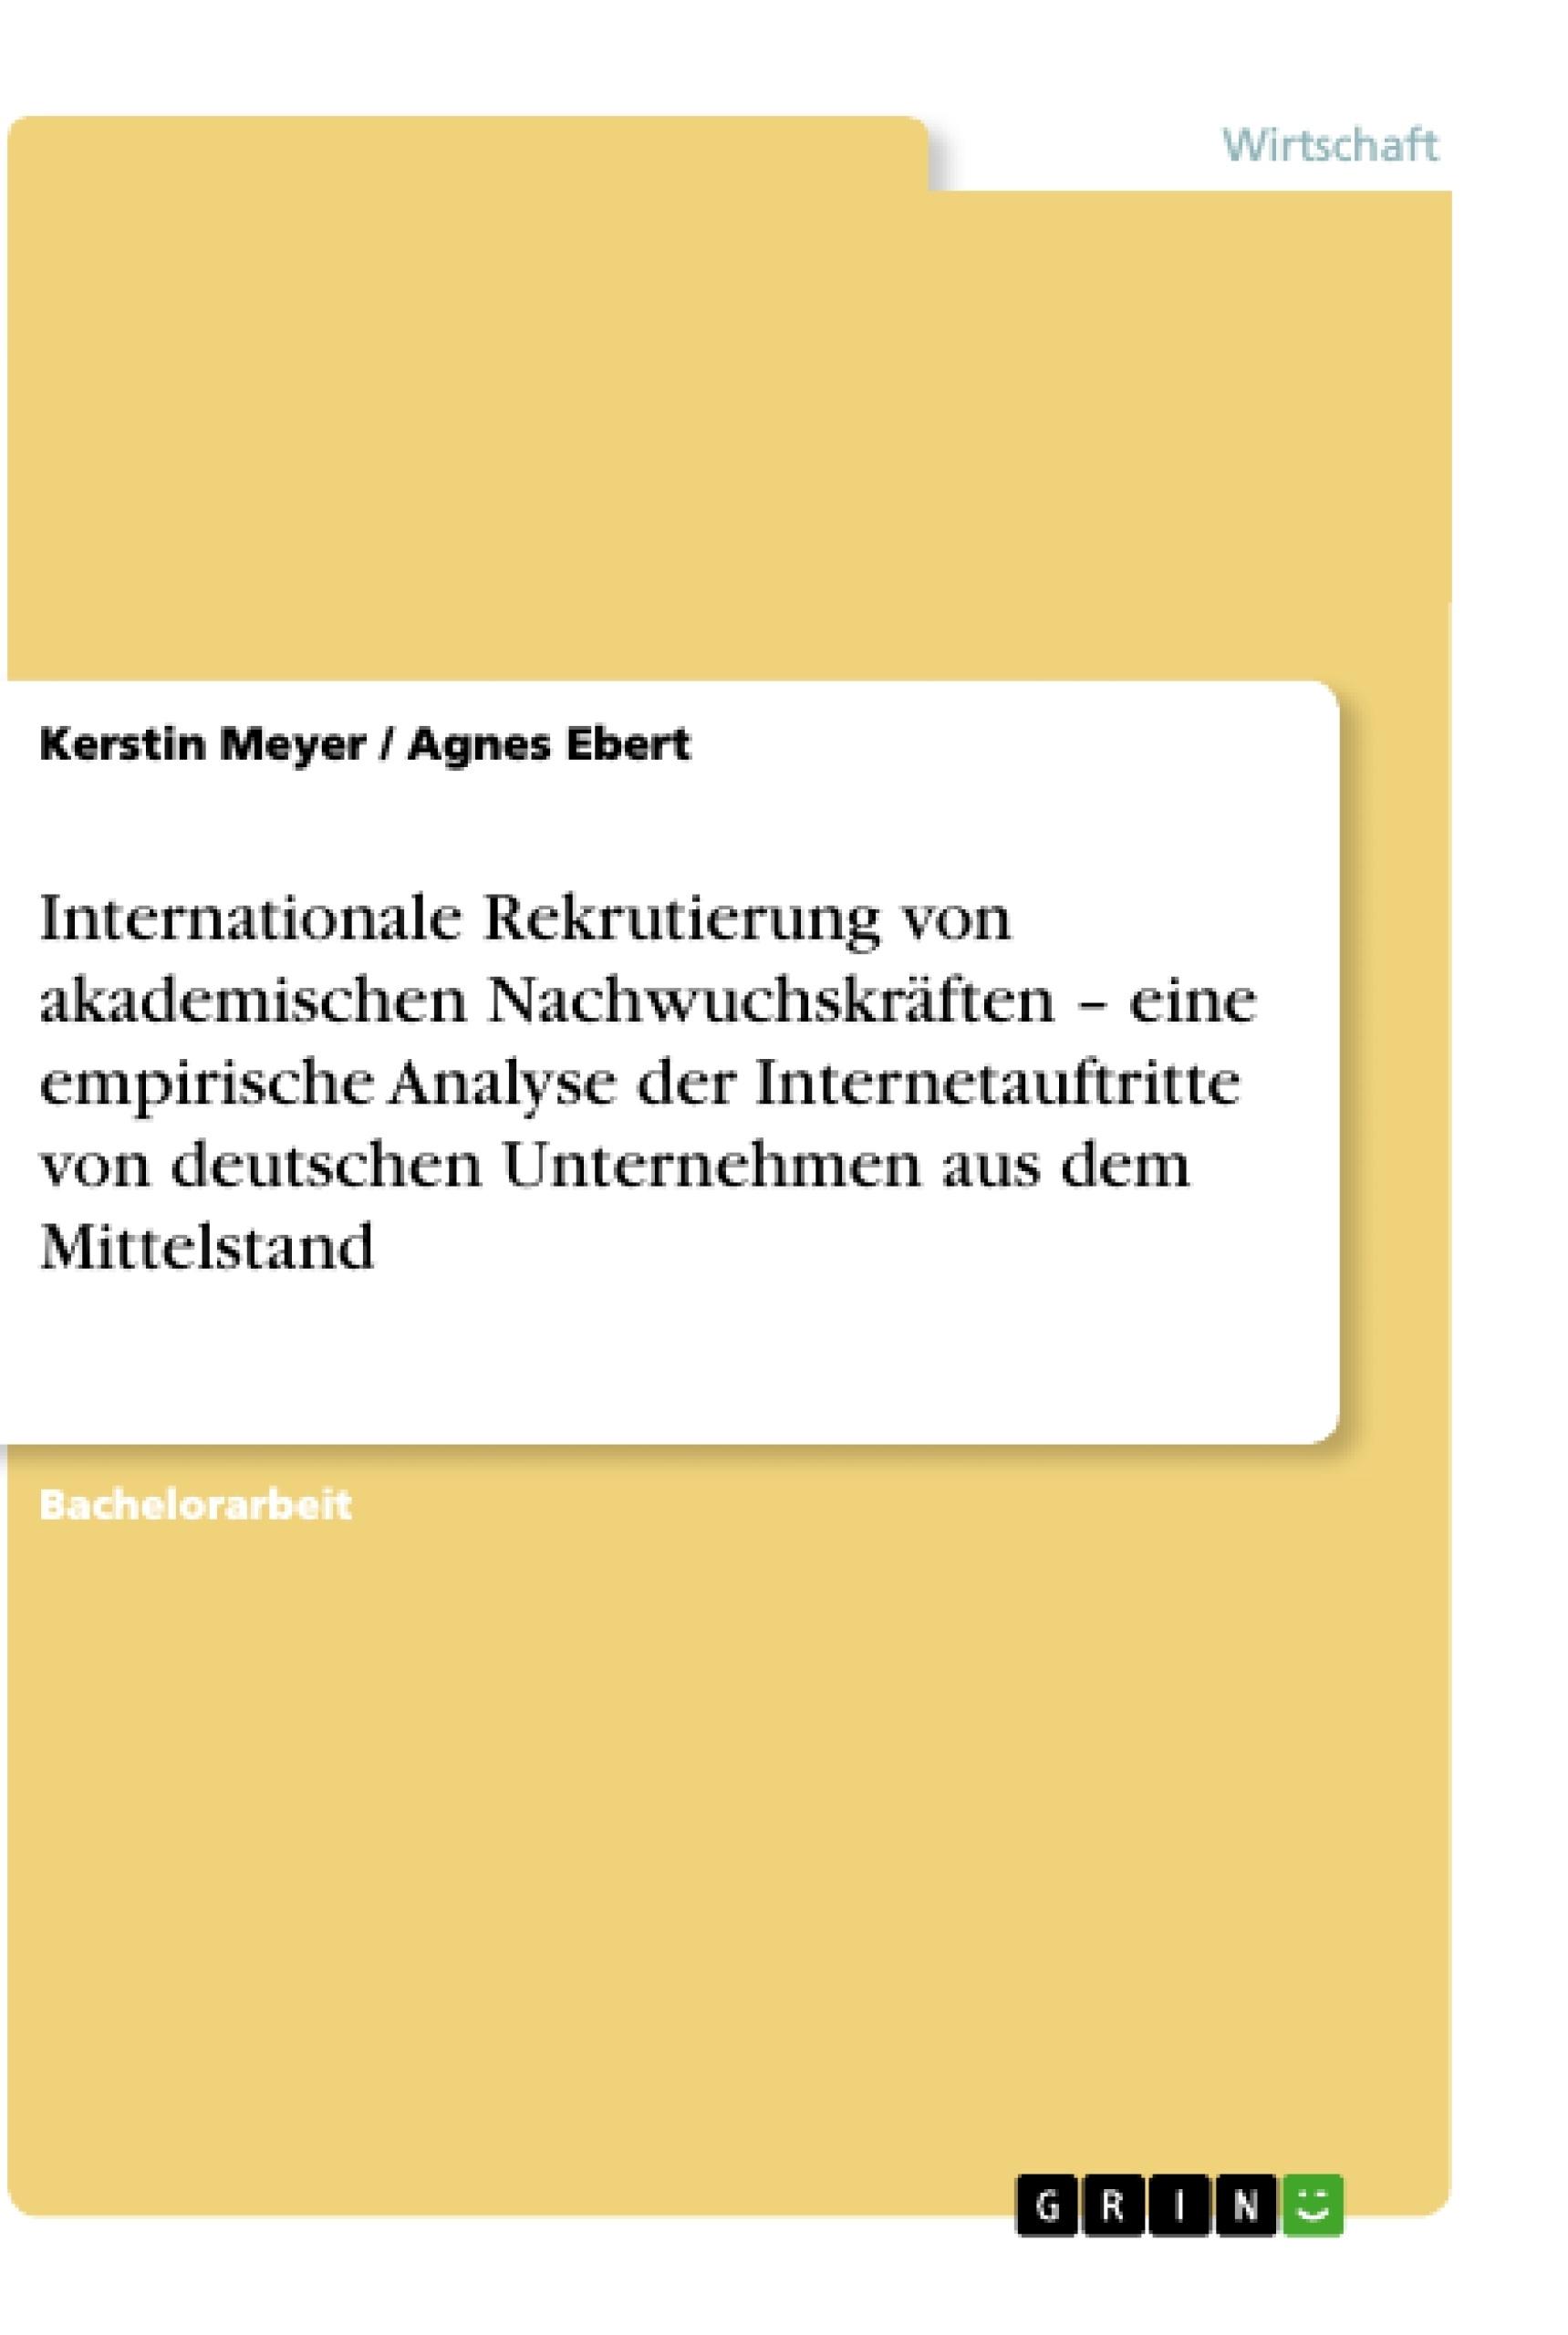 Titel: Internationale Rekrutierung von akademischen Nachwuchskräften – eine empirische Analyse der Internetauftritte von deutschen Unternehmen aus dem Mittelstand